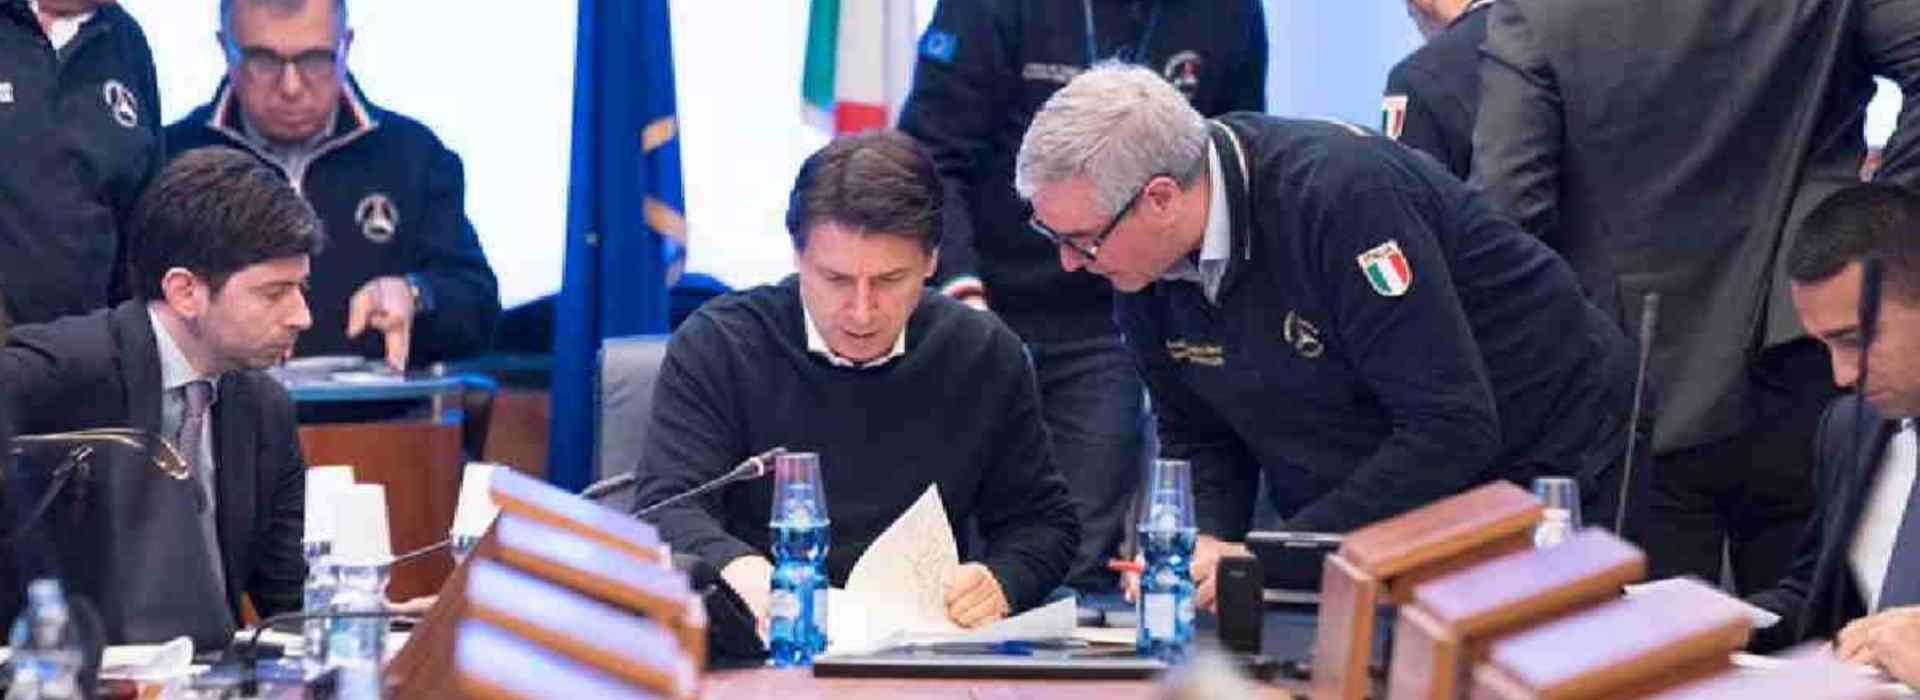 L'Oms blocca il Report sulla pandemia che evidenzia la pessima gestione italiana